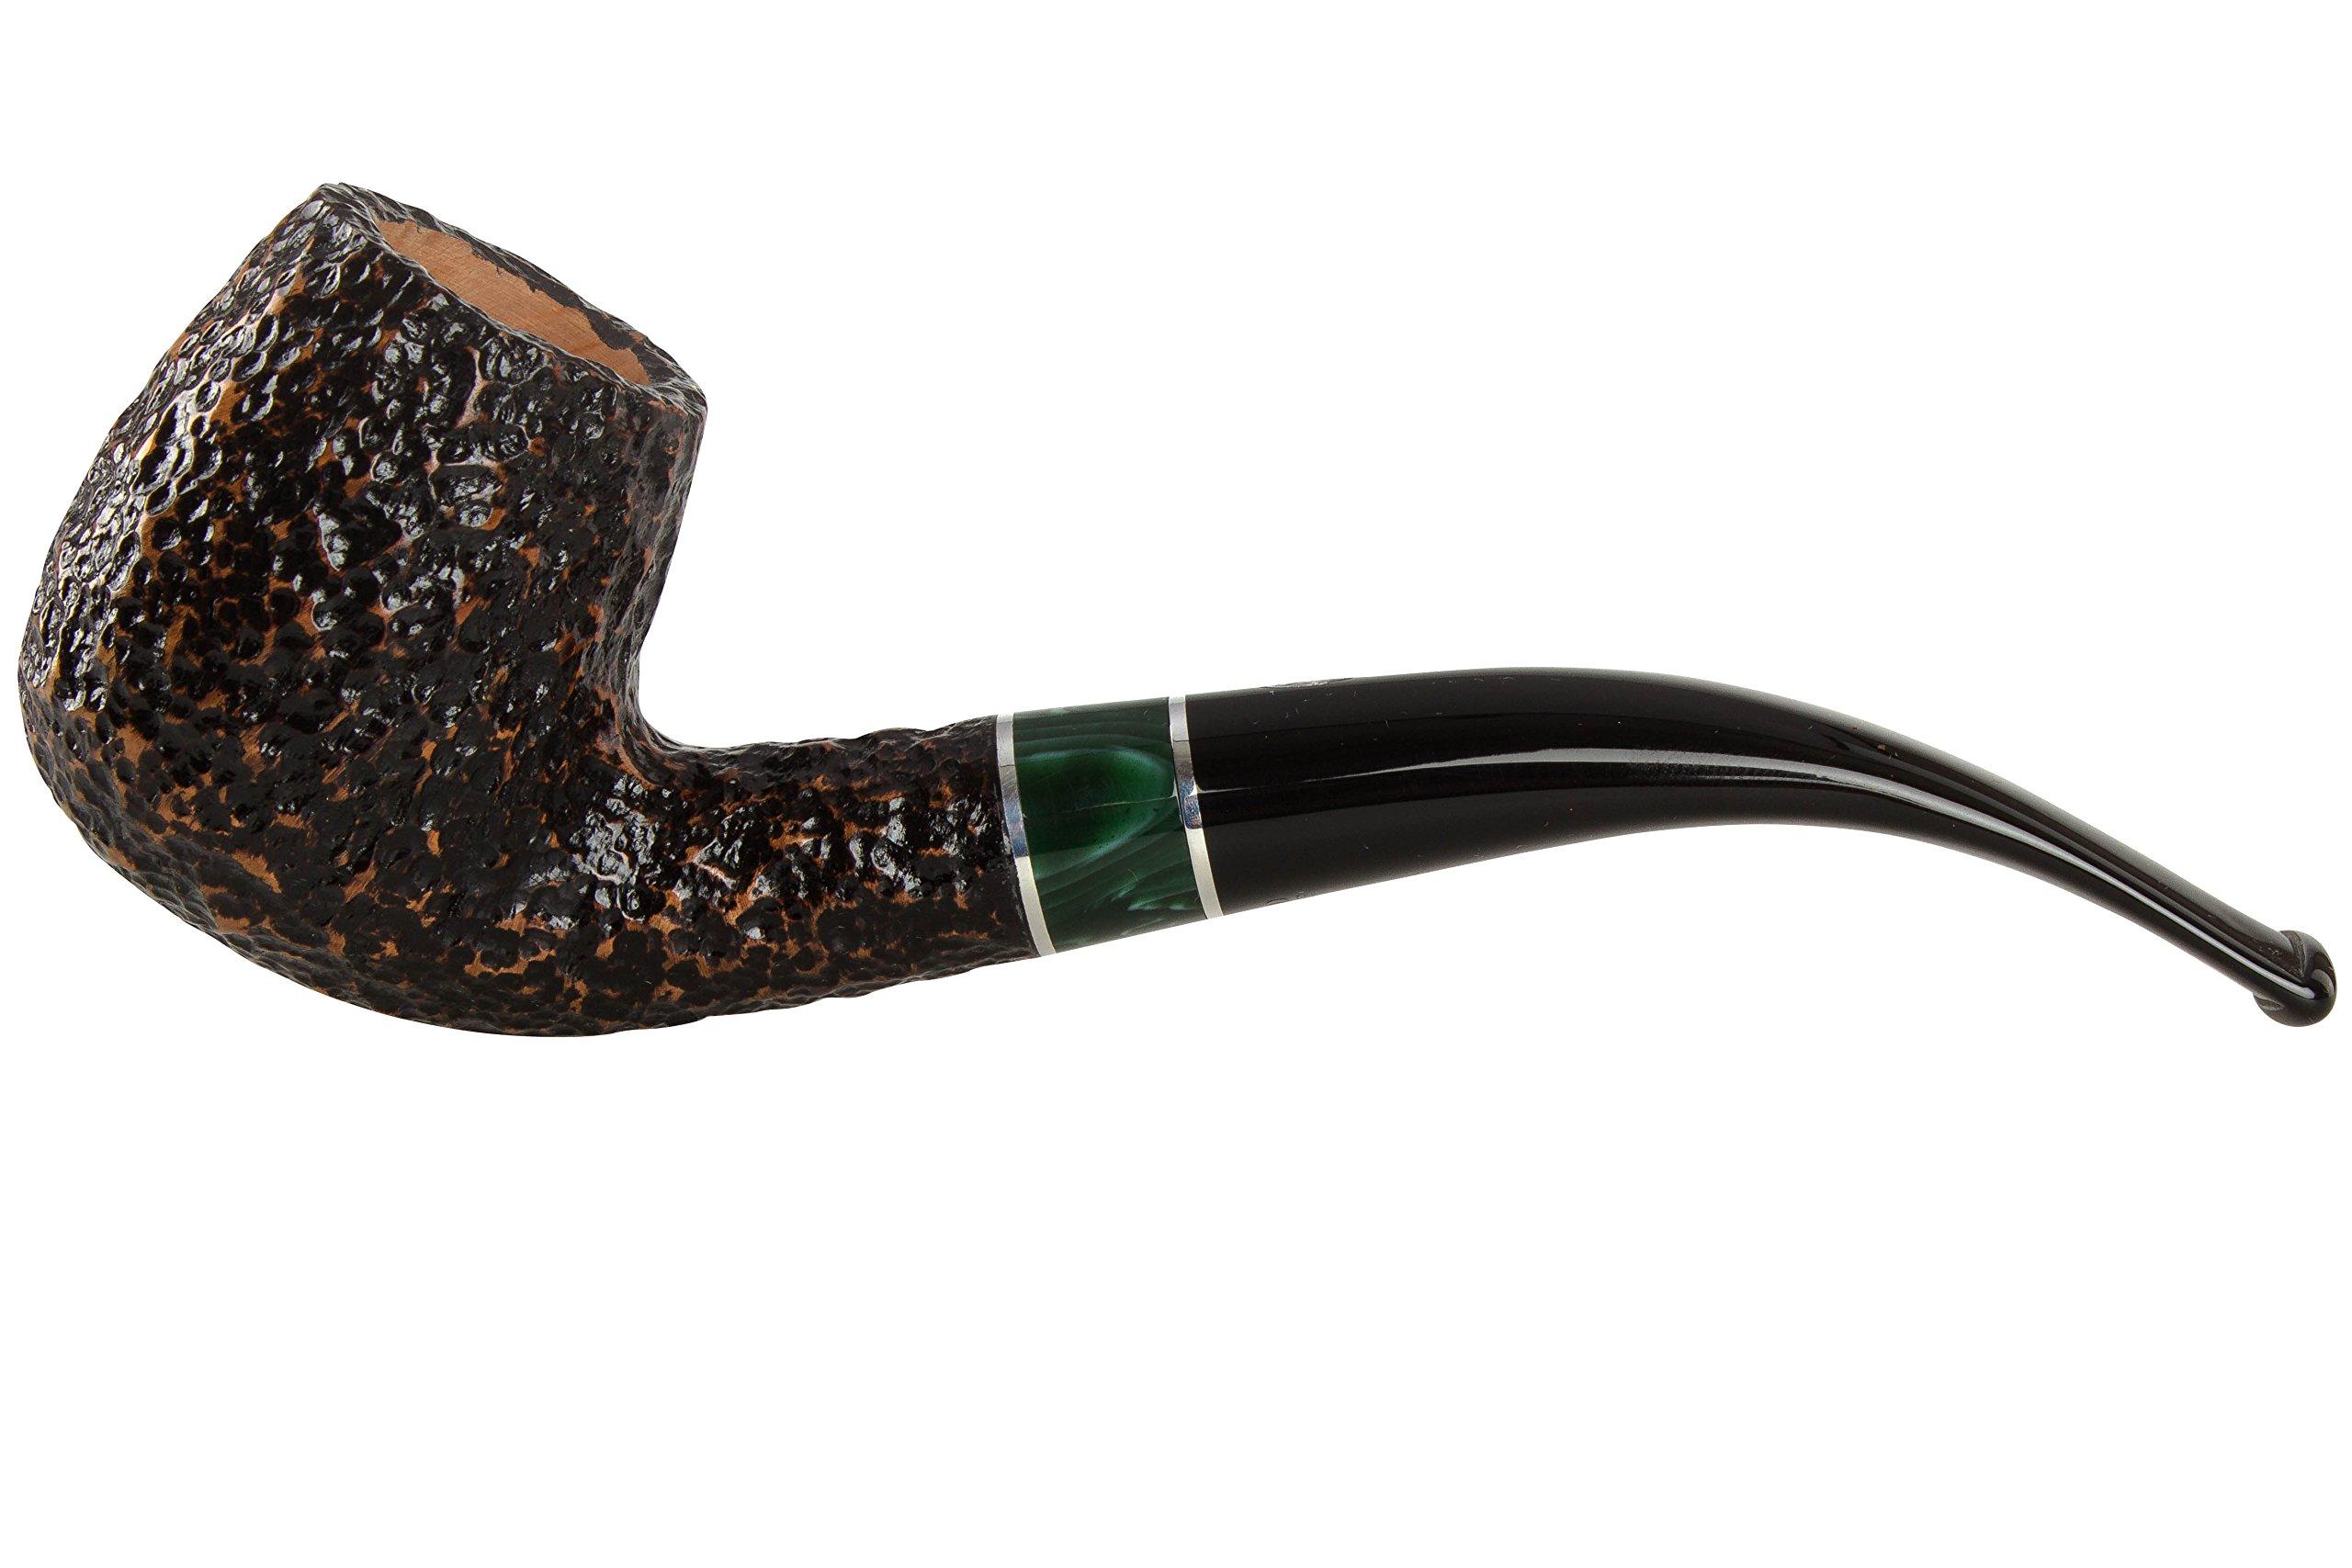 Savinelli Impero 602 Rustic Tobacco Pipe - Bent Billiard